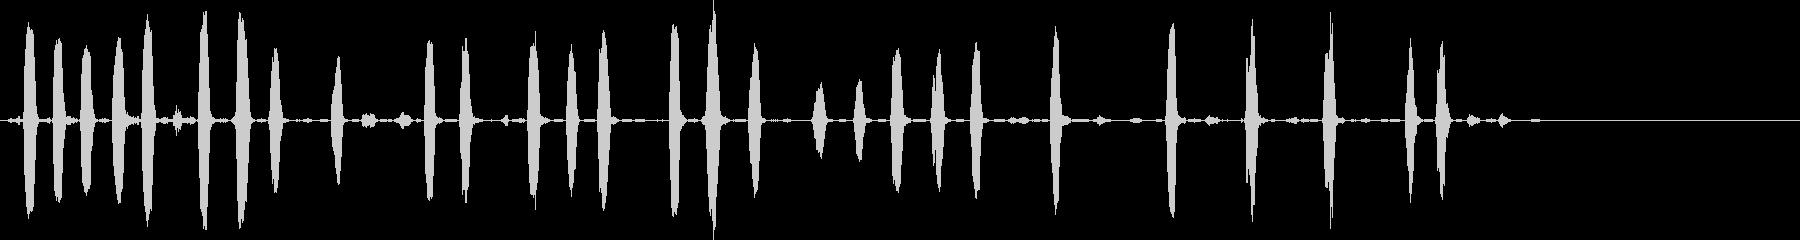 Barえる犬1の未再生の波形